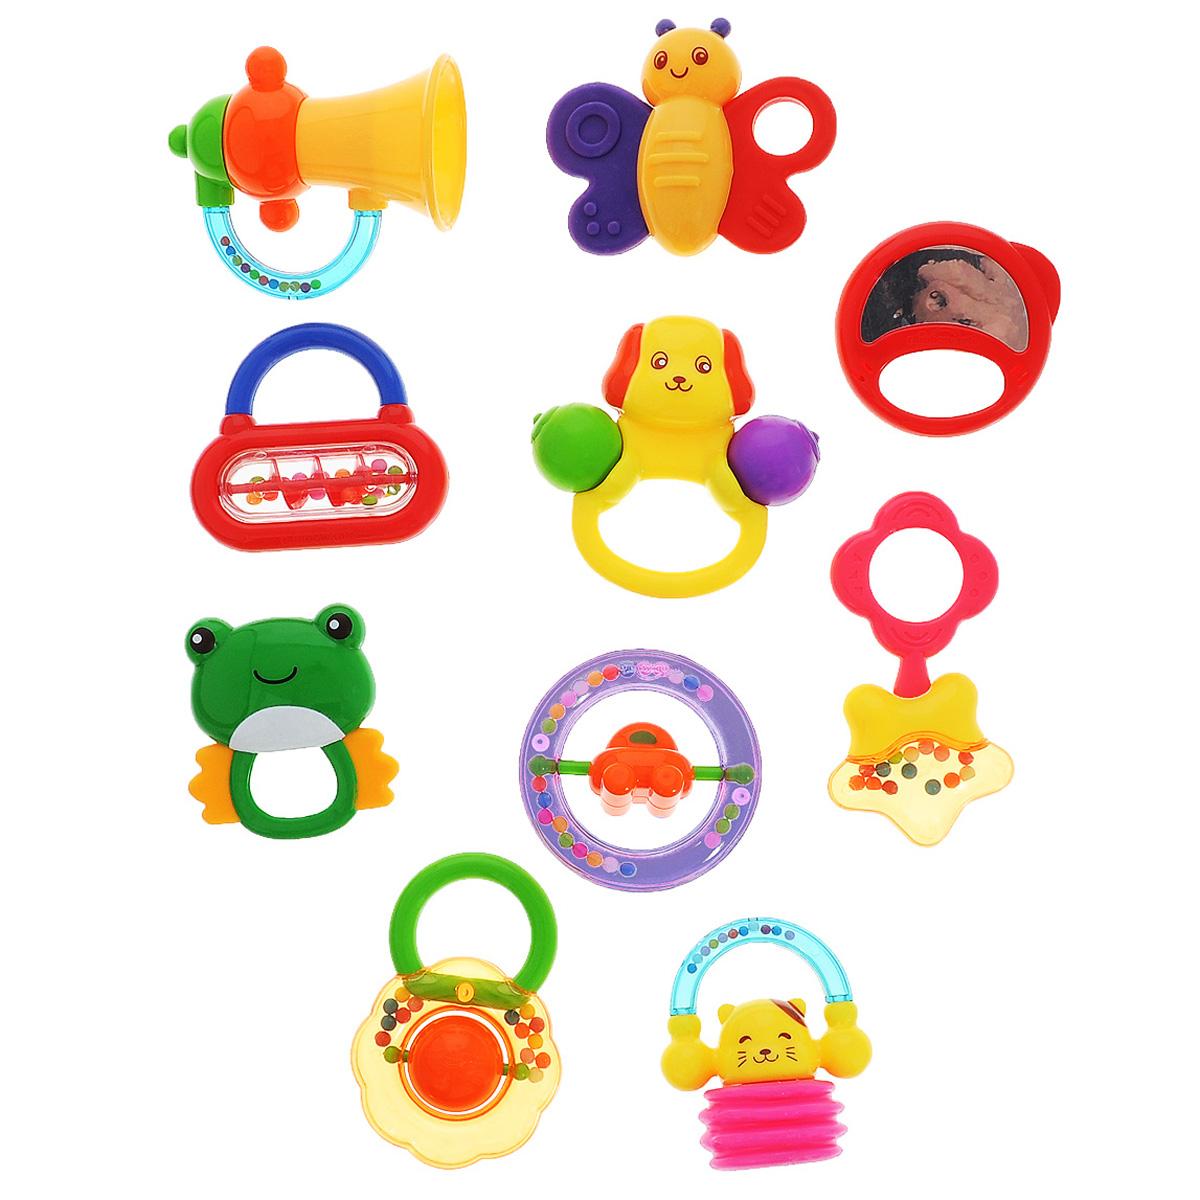 Набор игрушек-погремушек Малышарики, 10 штMSH0302-027С первых месяцев жизни малыш начинает интересоваться яркими, подвижными, звонкими предметами, ведь они являются его главными помощниками в изучении нашего удивительного мира. Набор Малышарики содержит целых 10 игрушек-погремушек, издающих забавные гремящие звуки, и создан специально для малышей, которые только начинают познавать окружающий мир. Погремушки специально разработаны, чтобы стимулировать чувства и развивать моторные навыки даже самых маленьких детей. Изготовлены погремушки из современных и гипоаллергенных материалов, и помогут вашему крохе научиться фокусировать внимание, получить первые представления о категориях формы и цвета, поспособствуют развитию мелкой моторики и сенсорики. Набор содержит 10 погремушек.